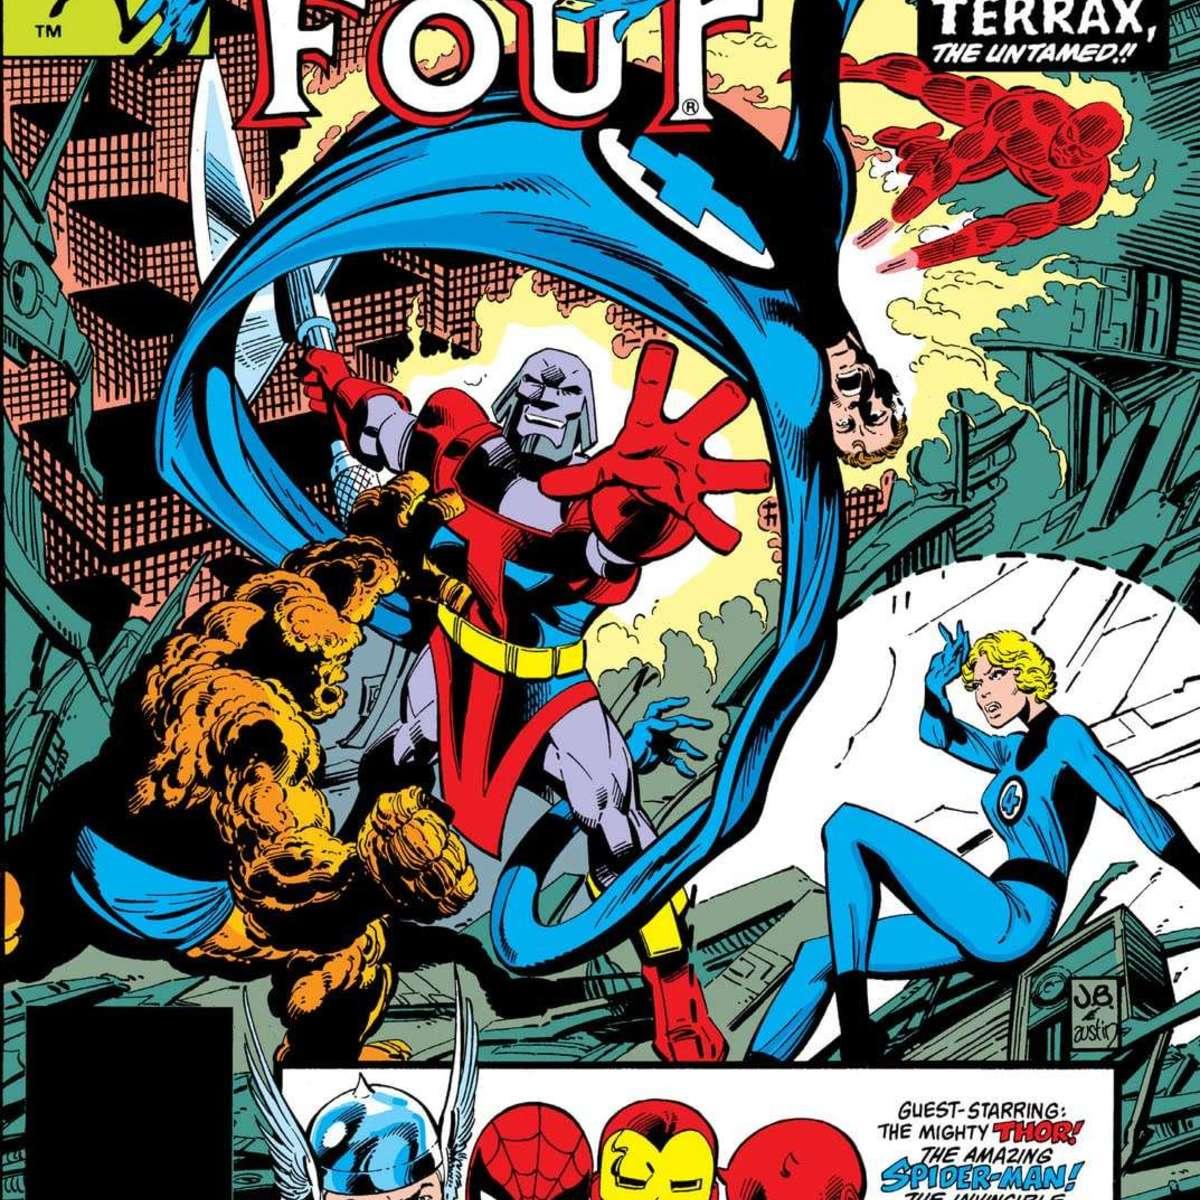 John Byrne's legendary Fantastic Four run